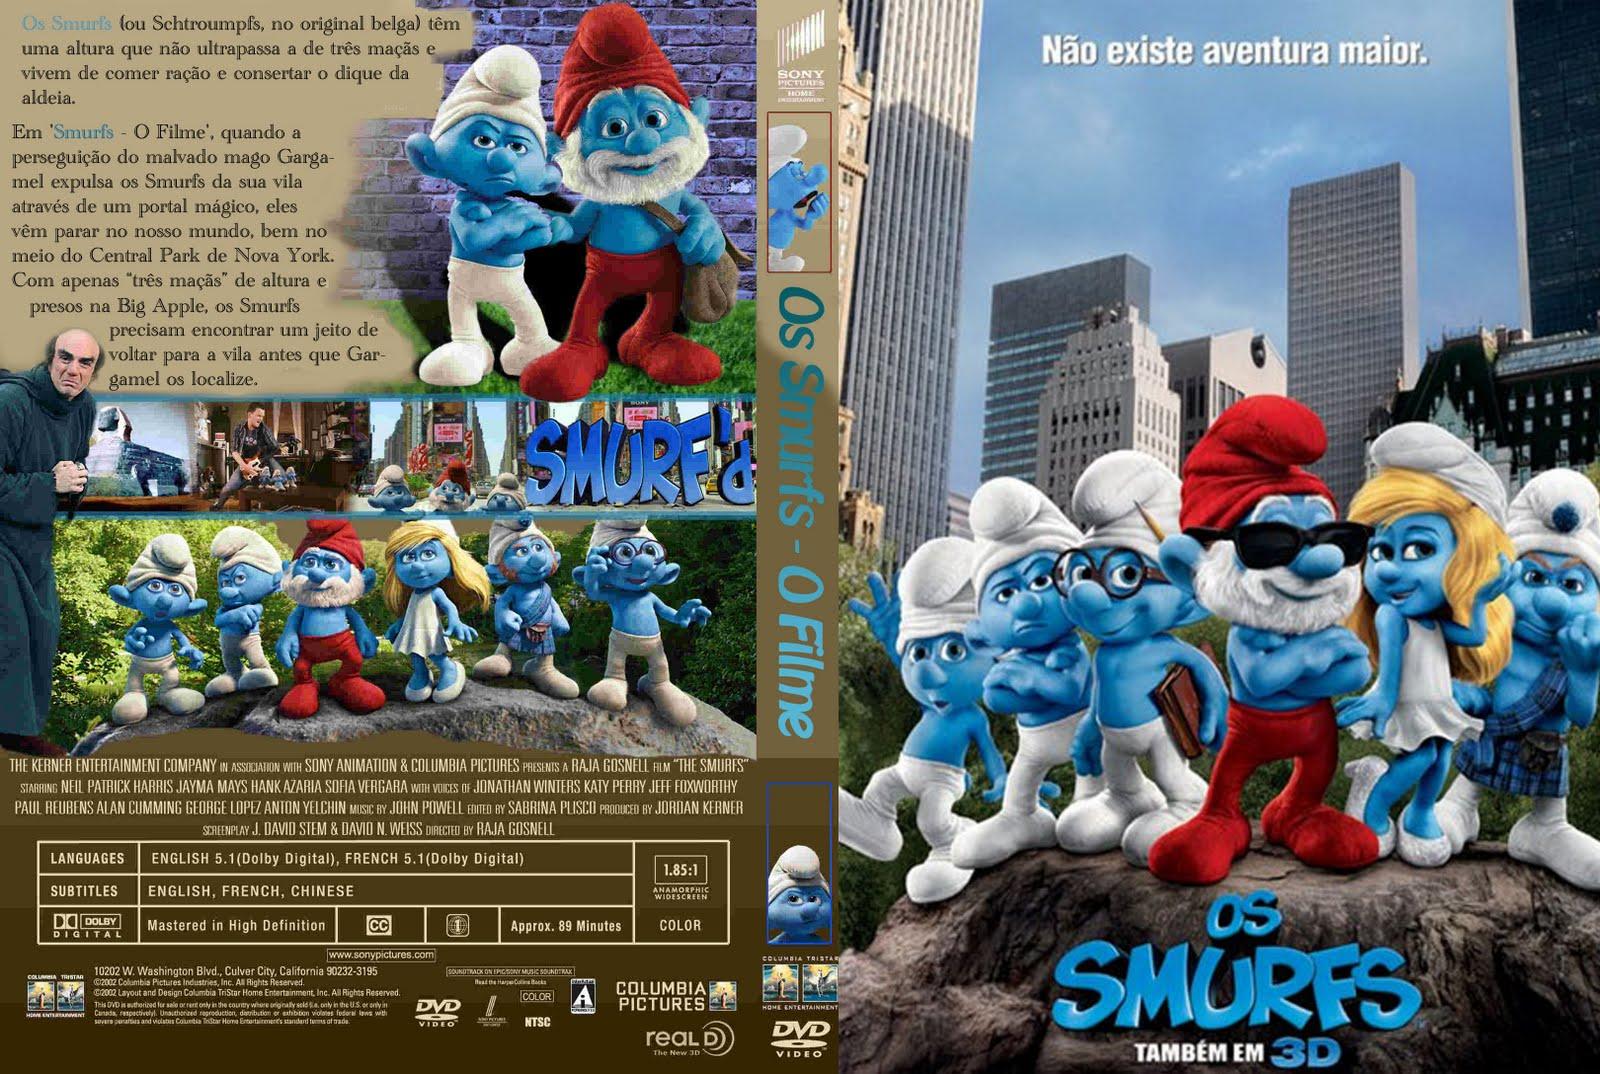 os smurfs 2011 dublado avi